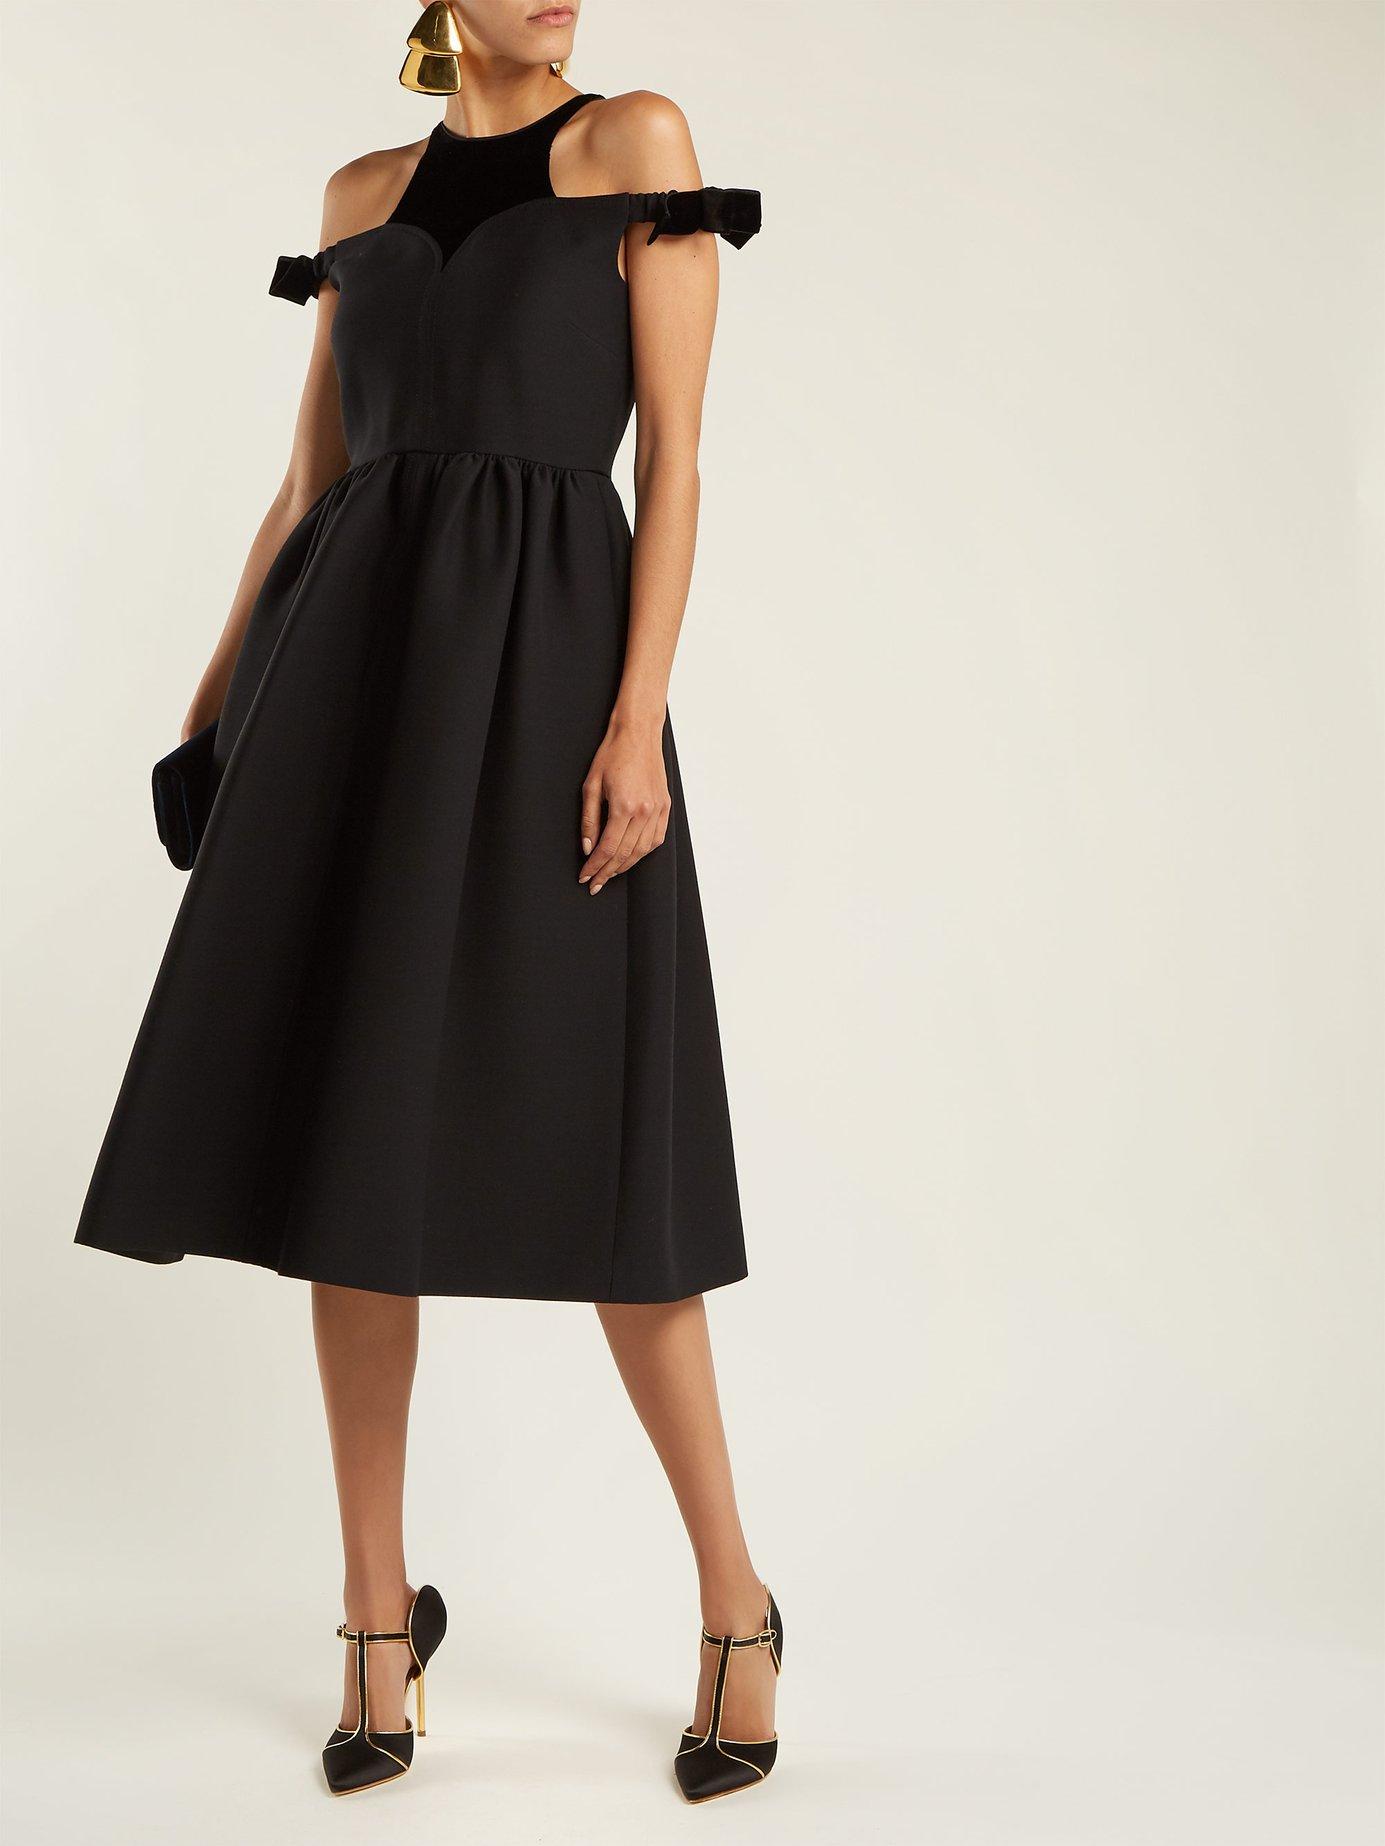 Bambolina wool-blend dress by Fendi